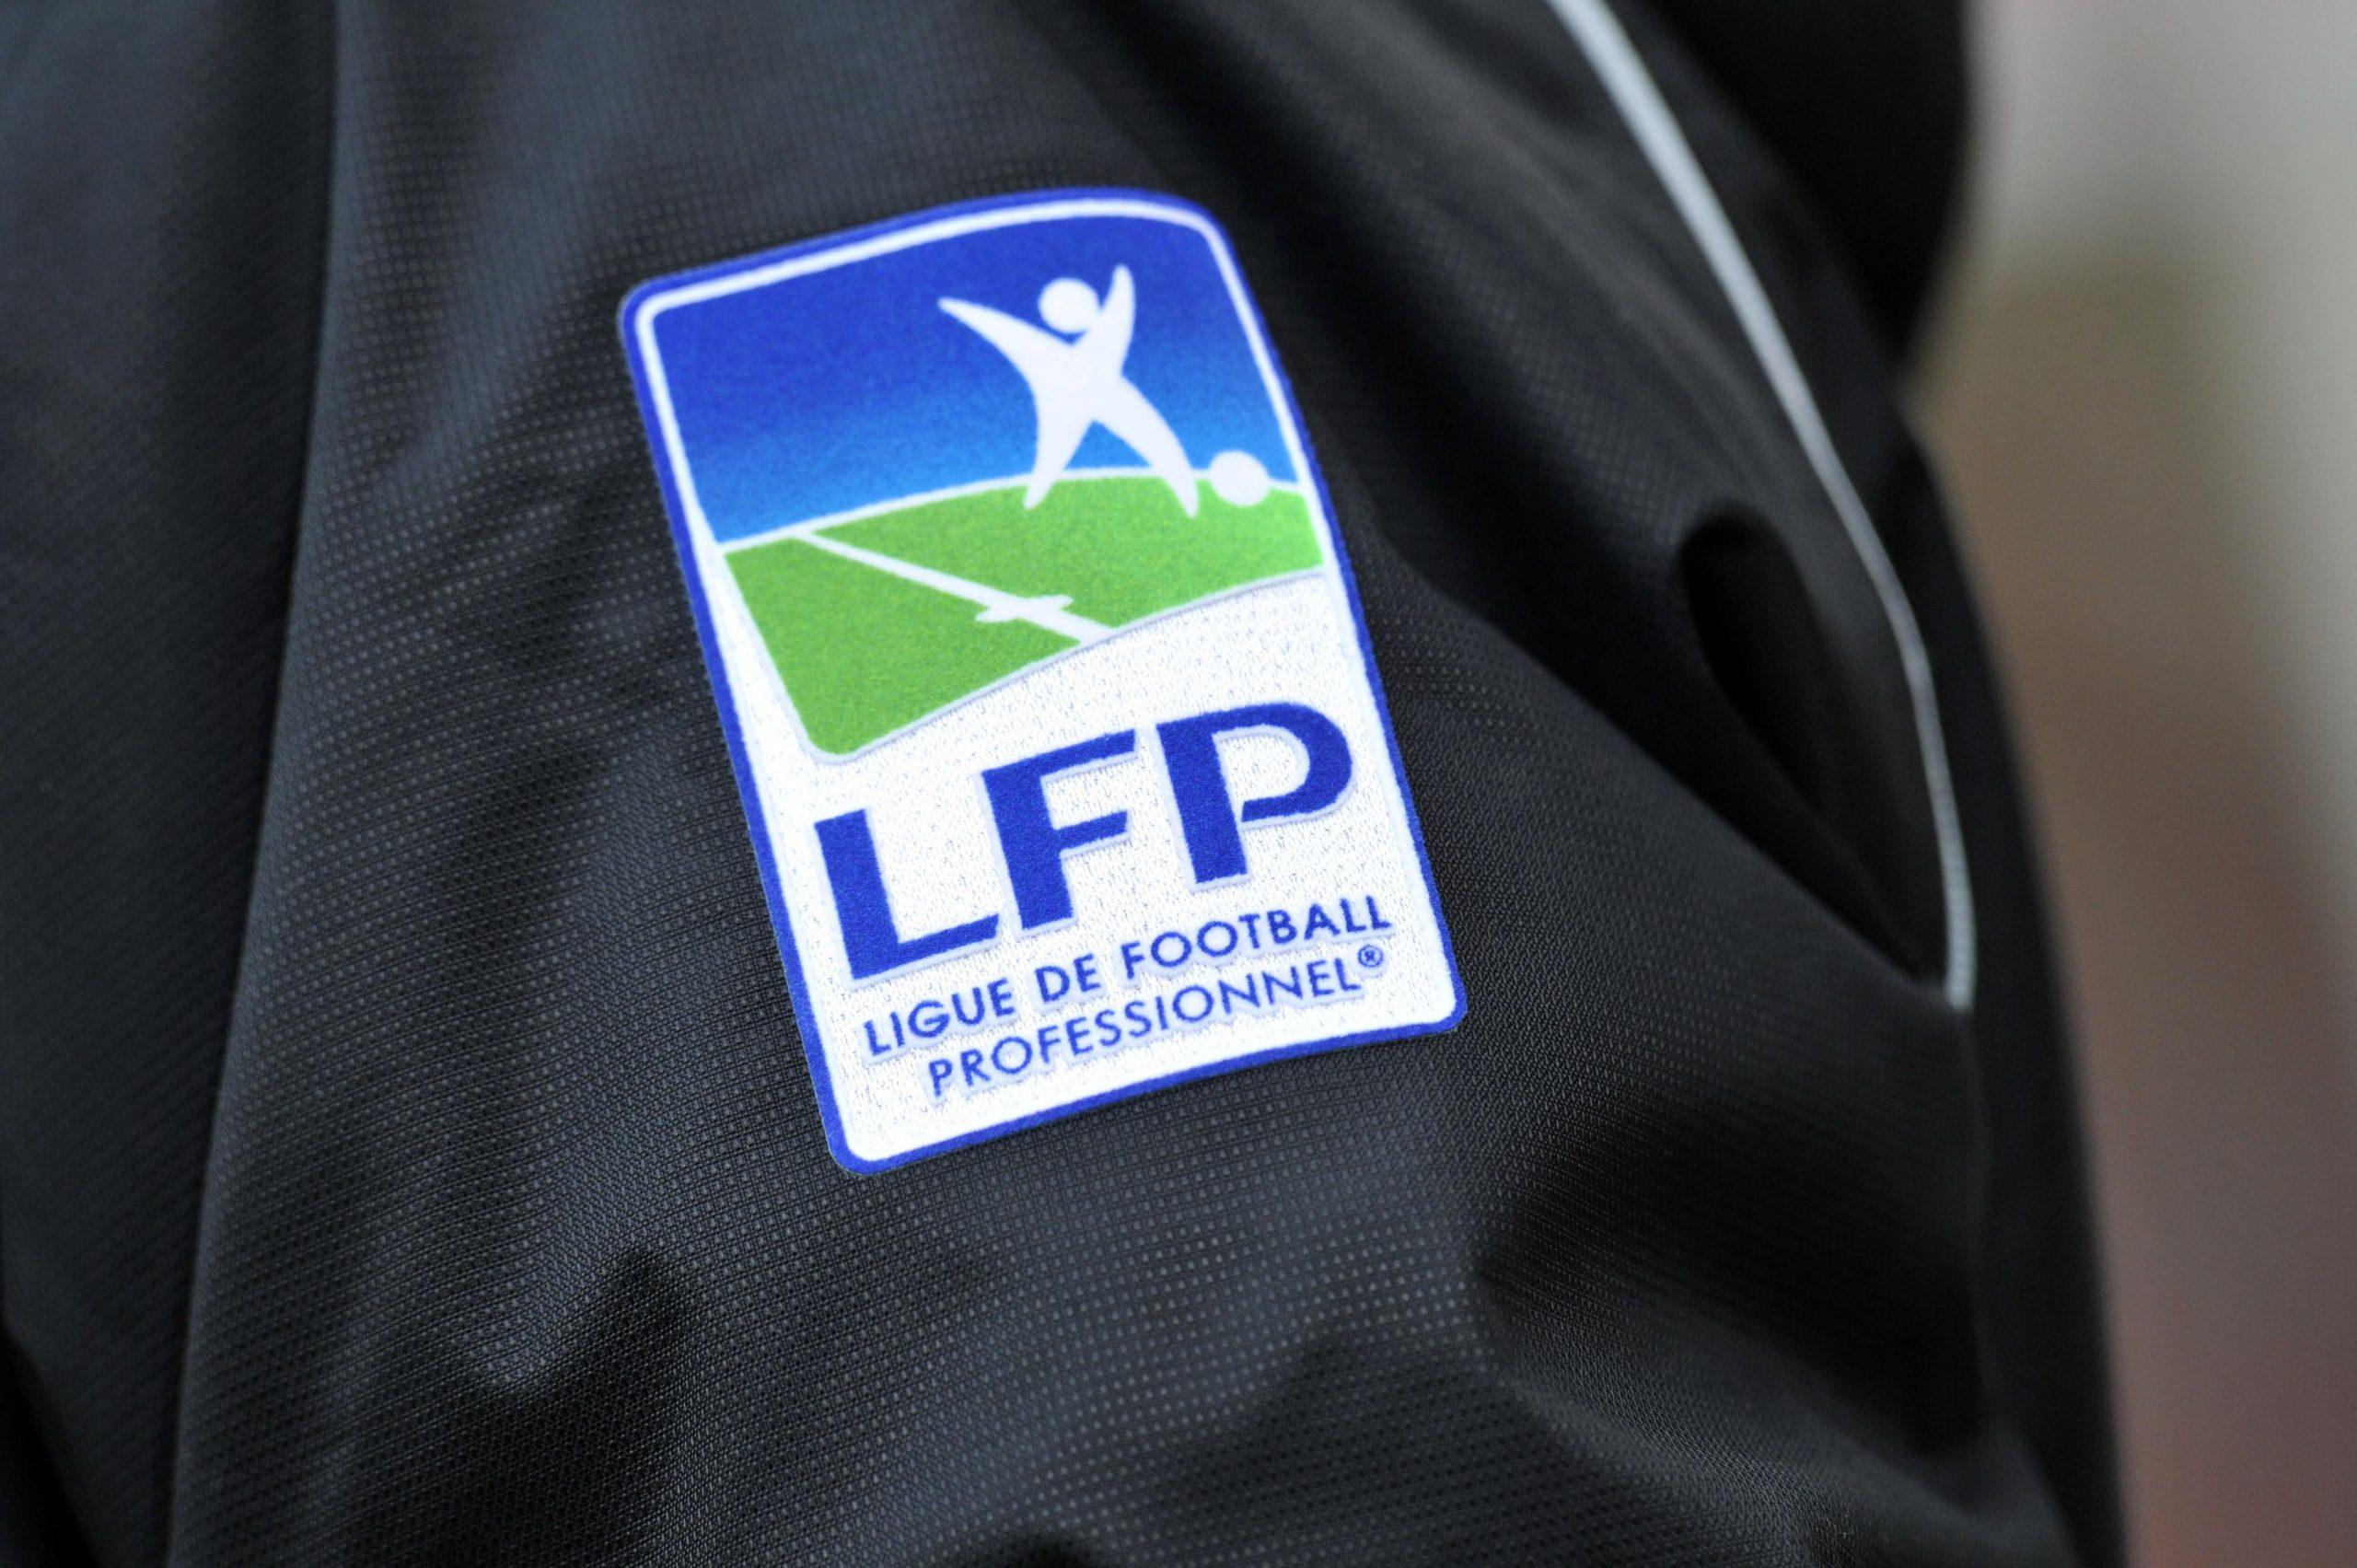 La LFP donne des indications sur la suite après les suspensions de la Ligue 1 et de la Ligue 2 à cause du coronavirus